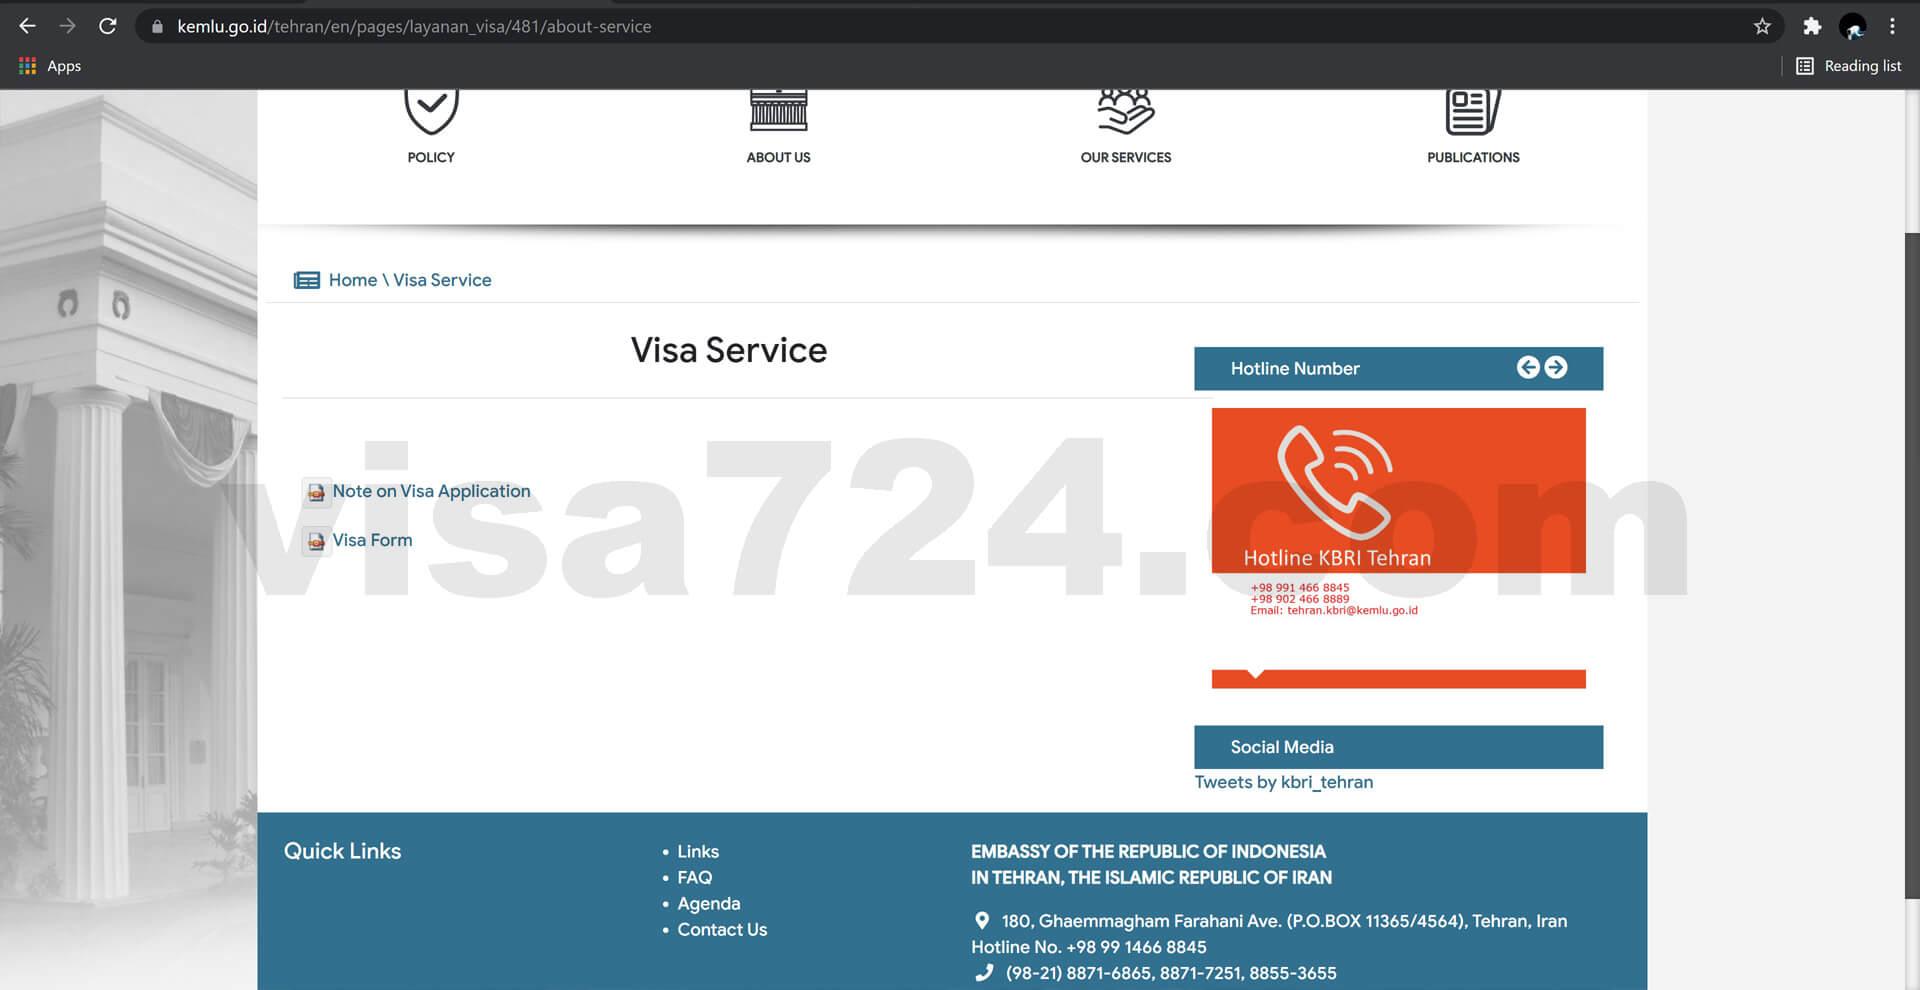 ثبت درخواست ویزای اندونزی